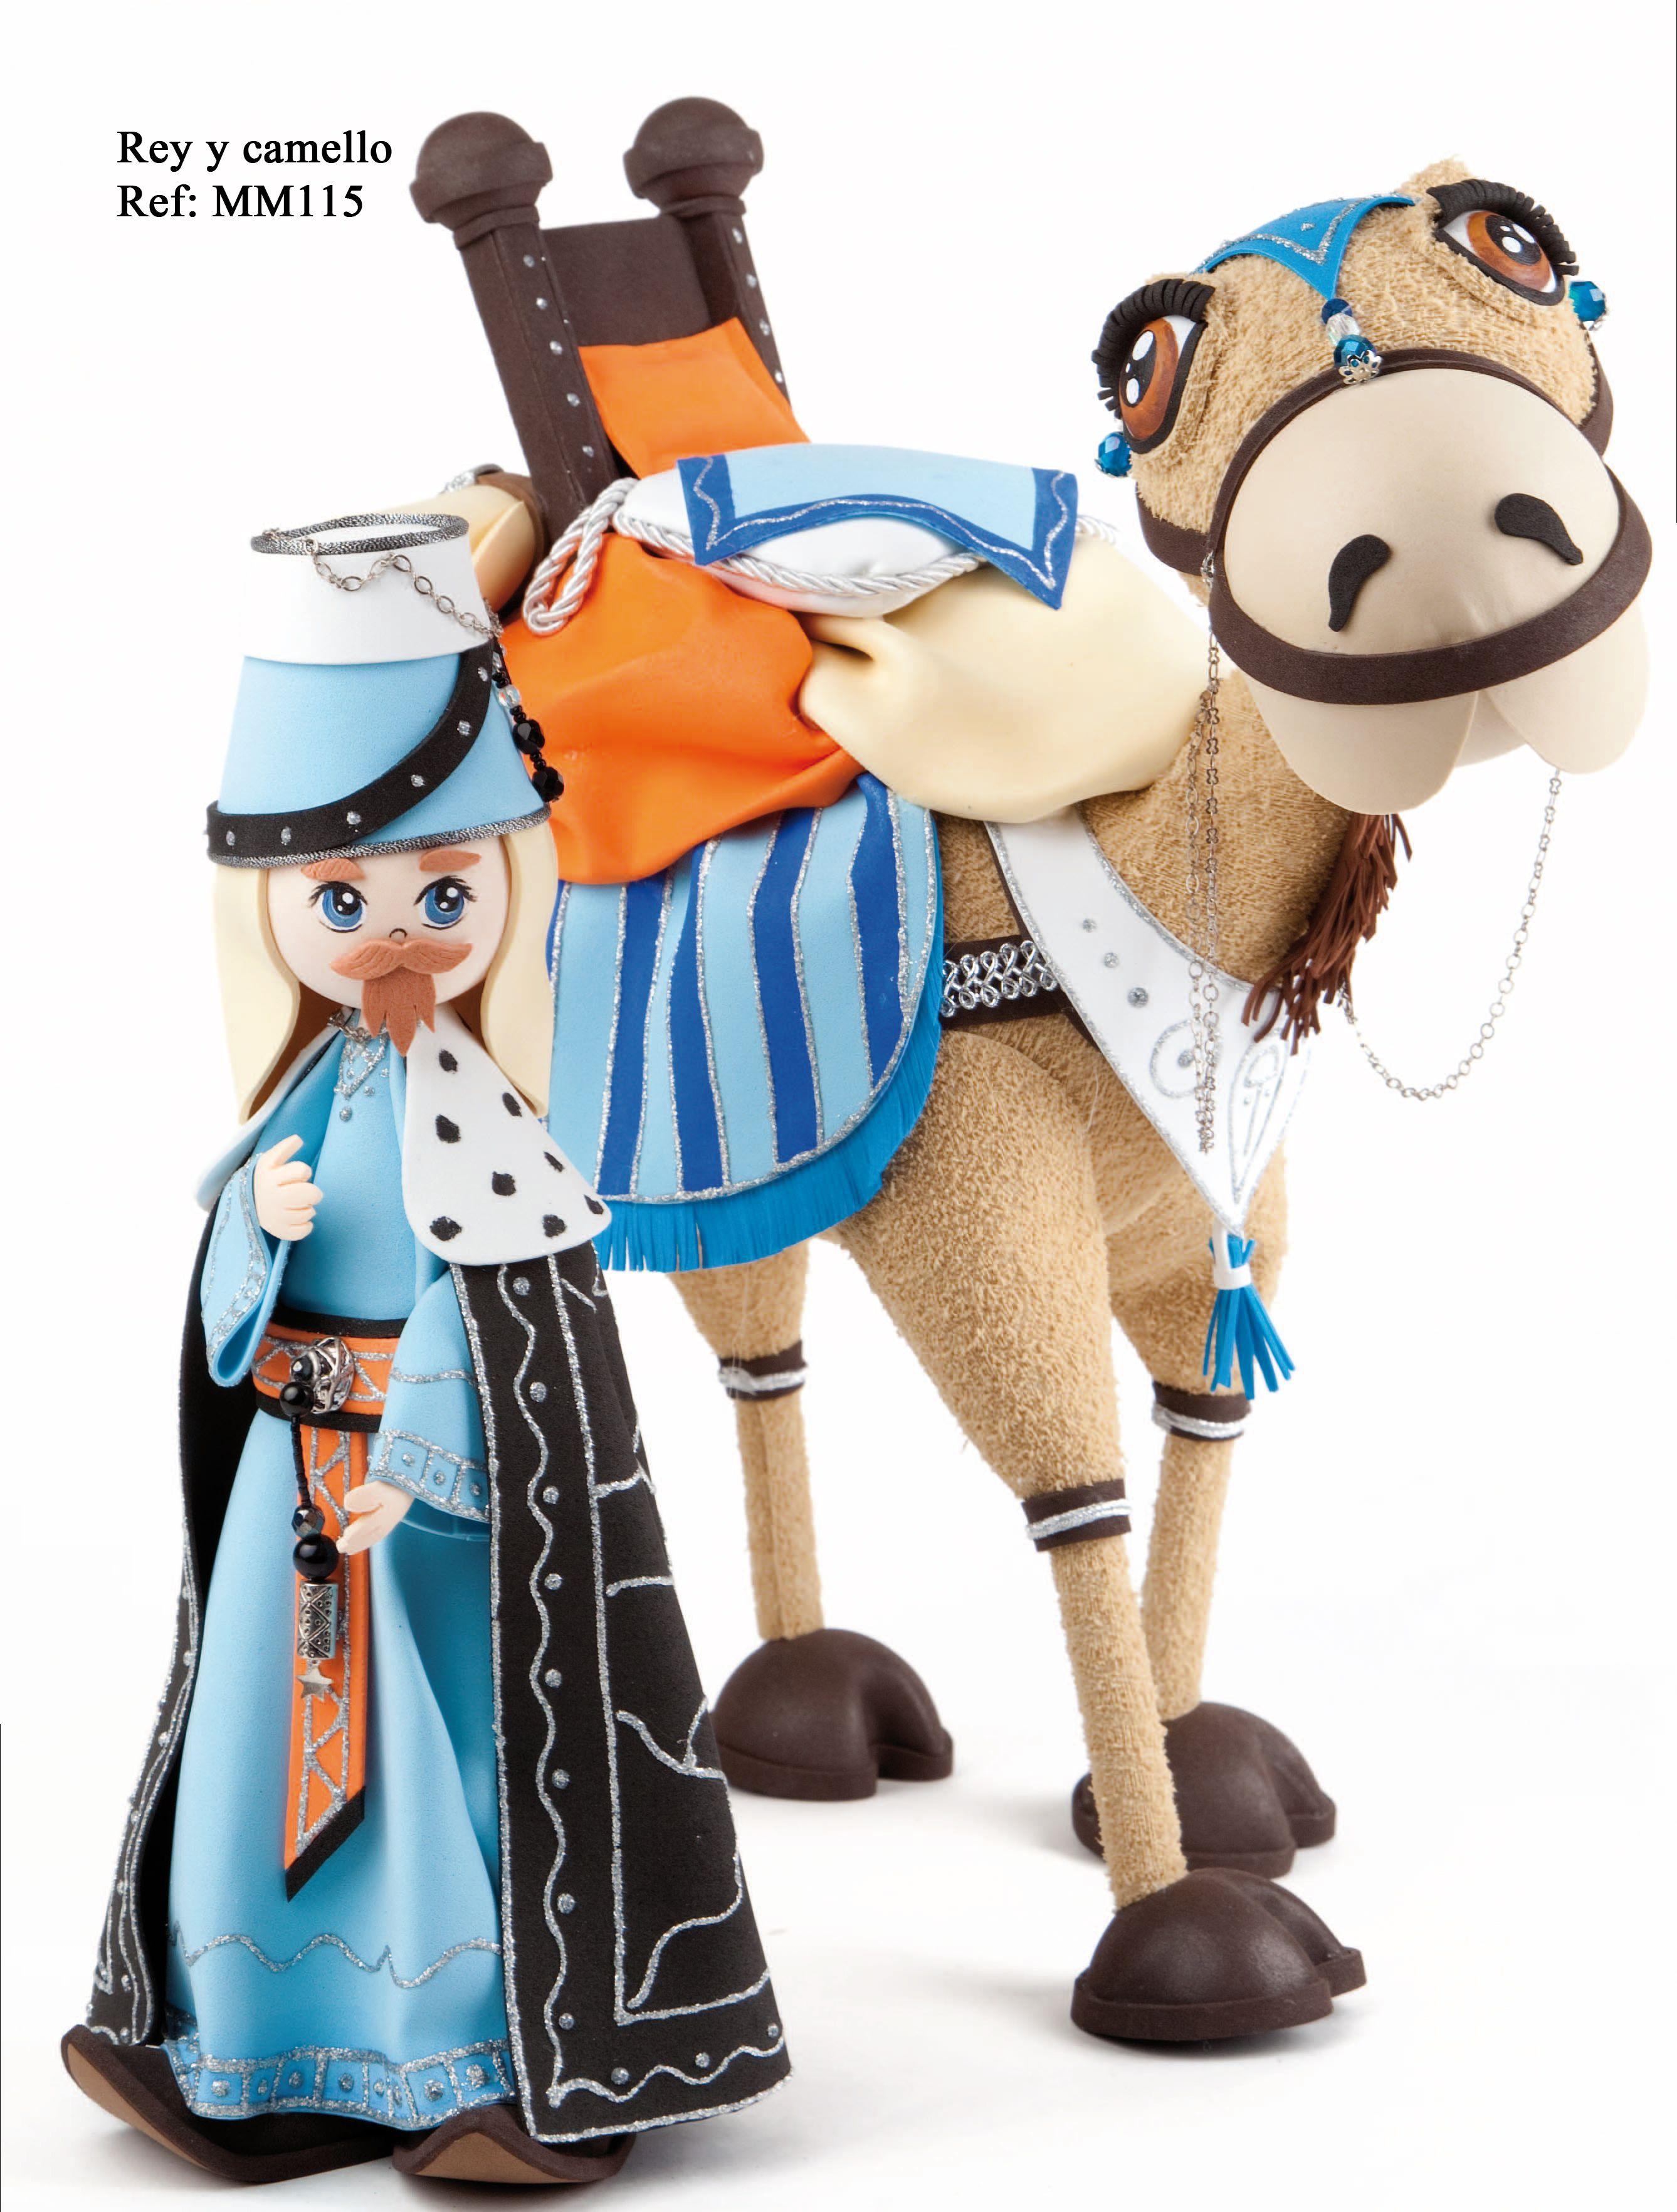 Rey y camello - Revista Manos Maravillosas Fofuchas 5 | dekorgumi ...